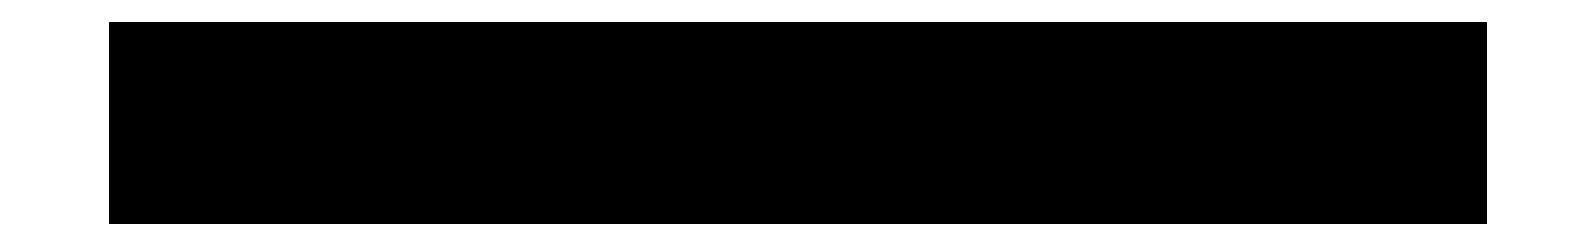 ホルモン組合 甲州精肉酒臓